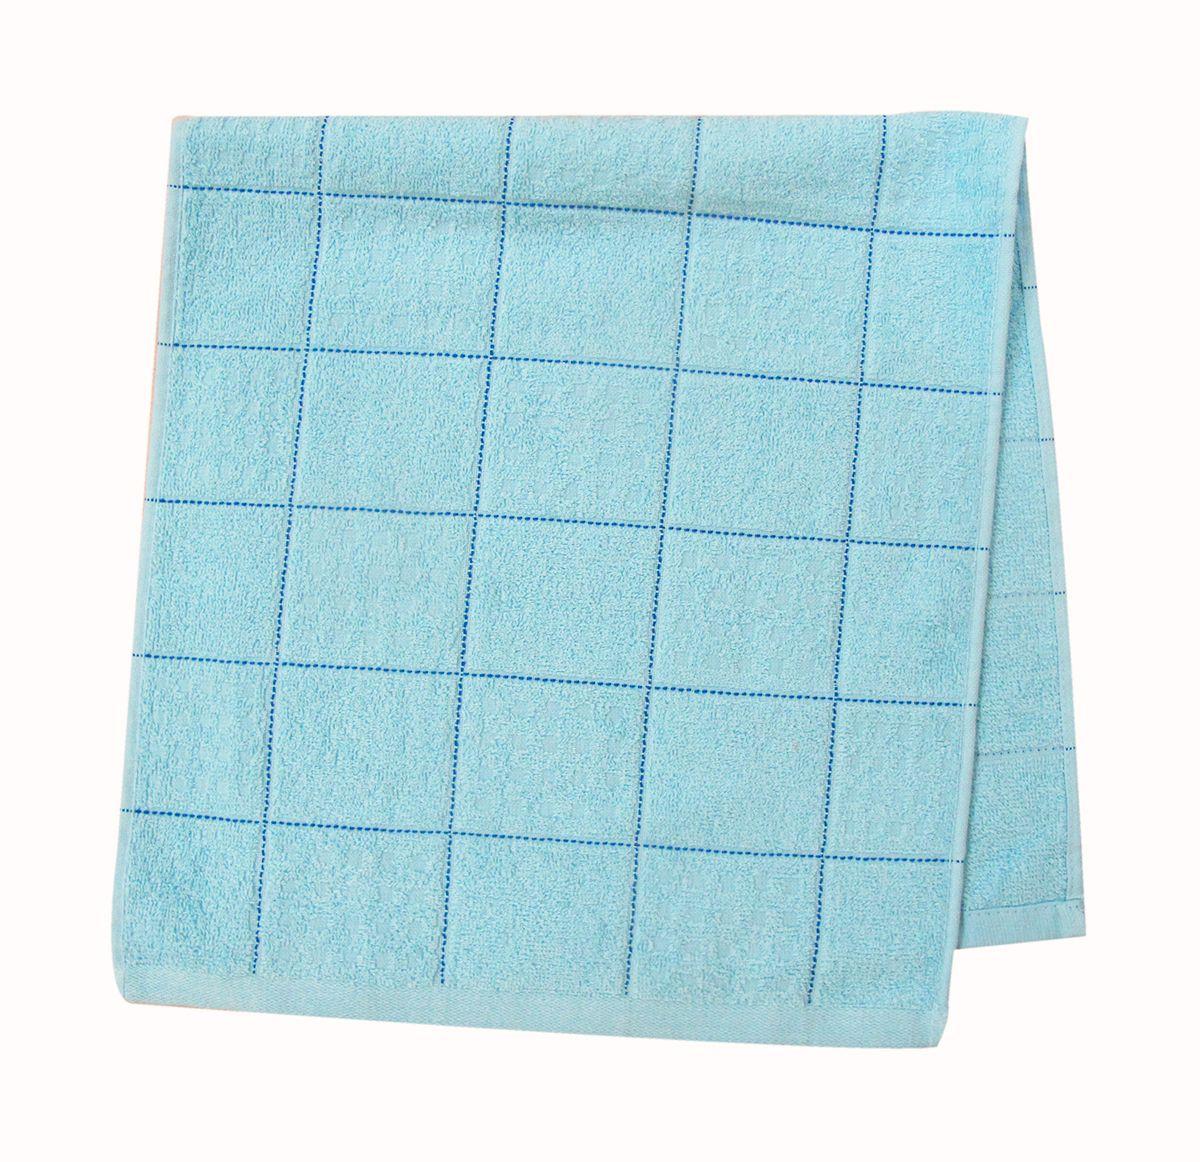 Полотенце махровое НВ Квадро, цвет: синий, 33 х 70 см. м1081_0180820